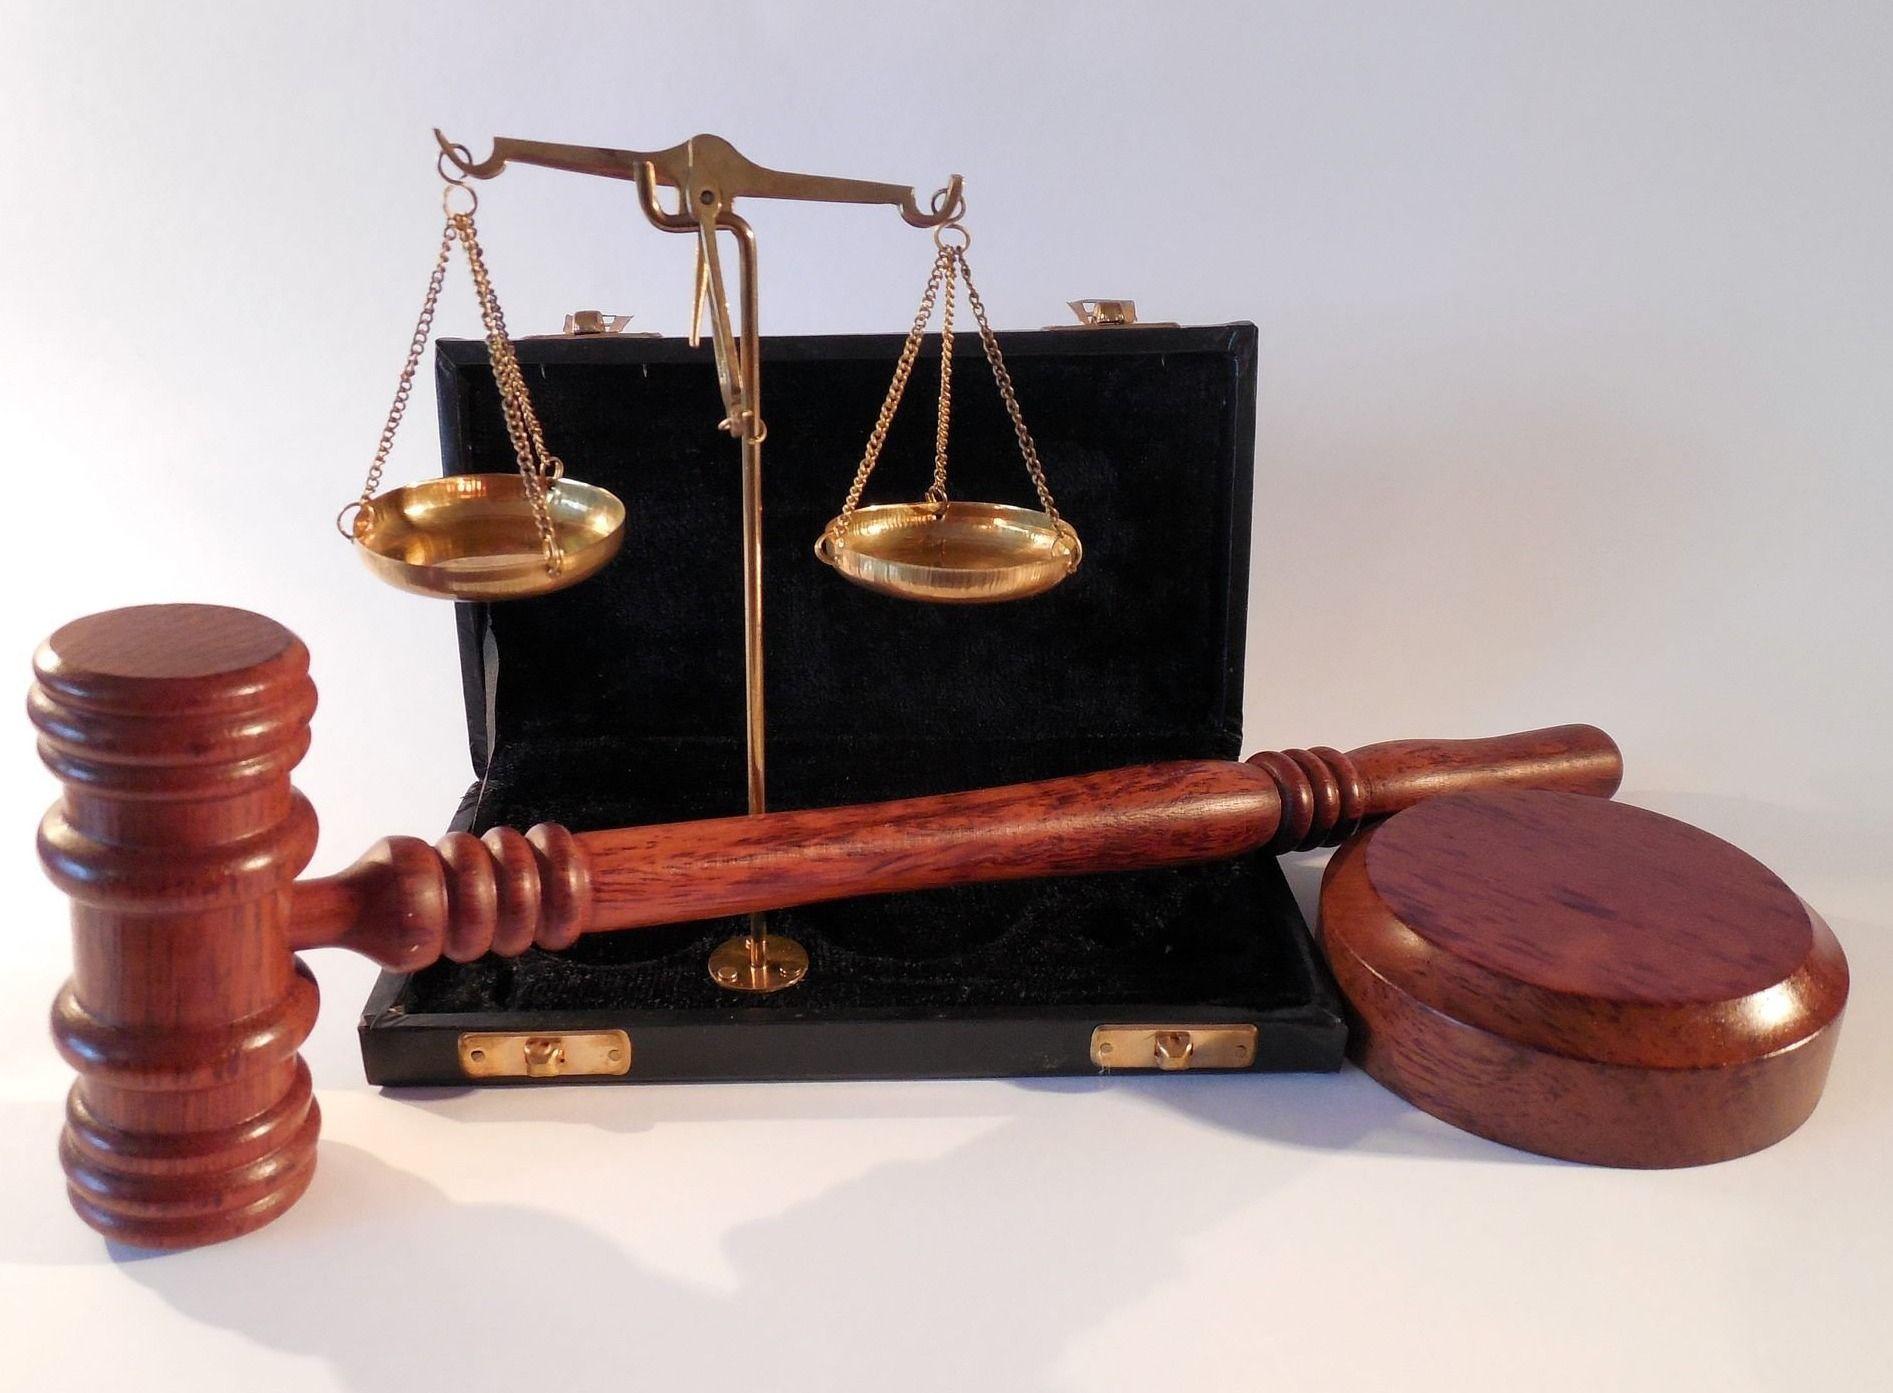 ТЕСТ: Як добре ви знаєте свої права і обов'язки?